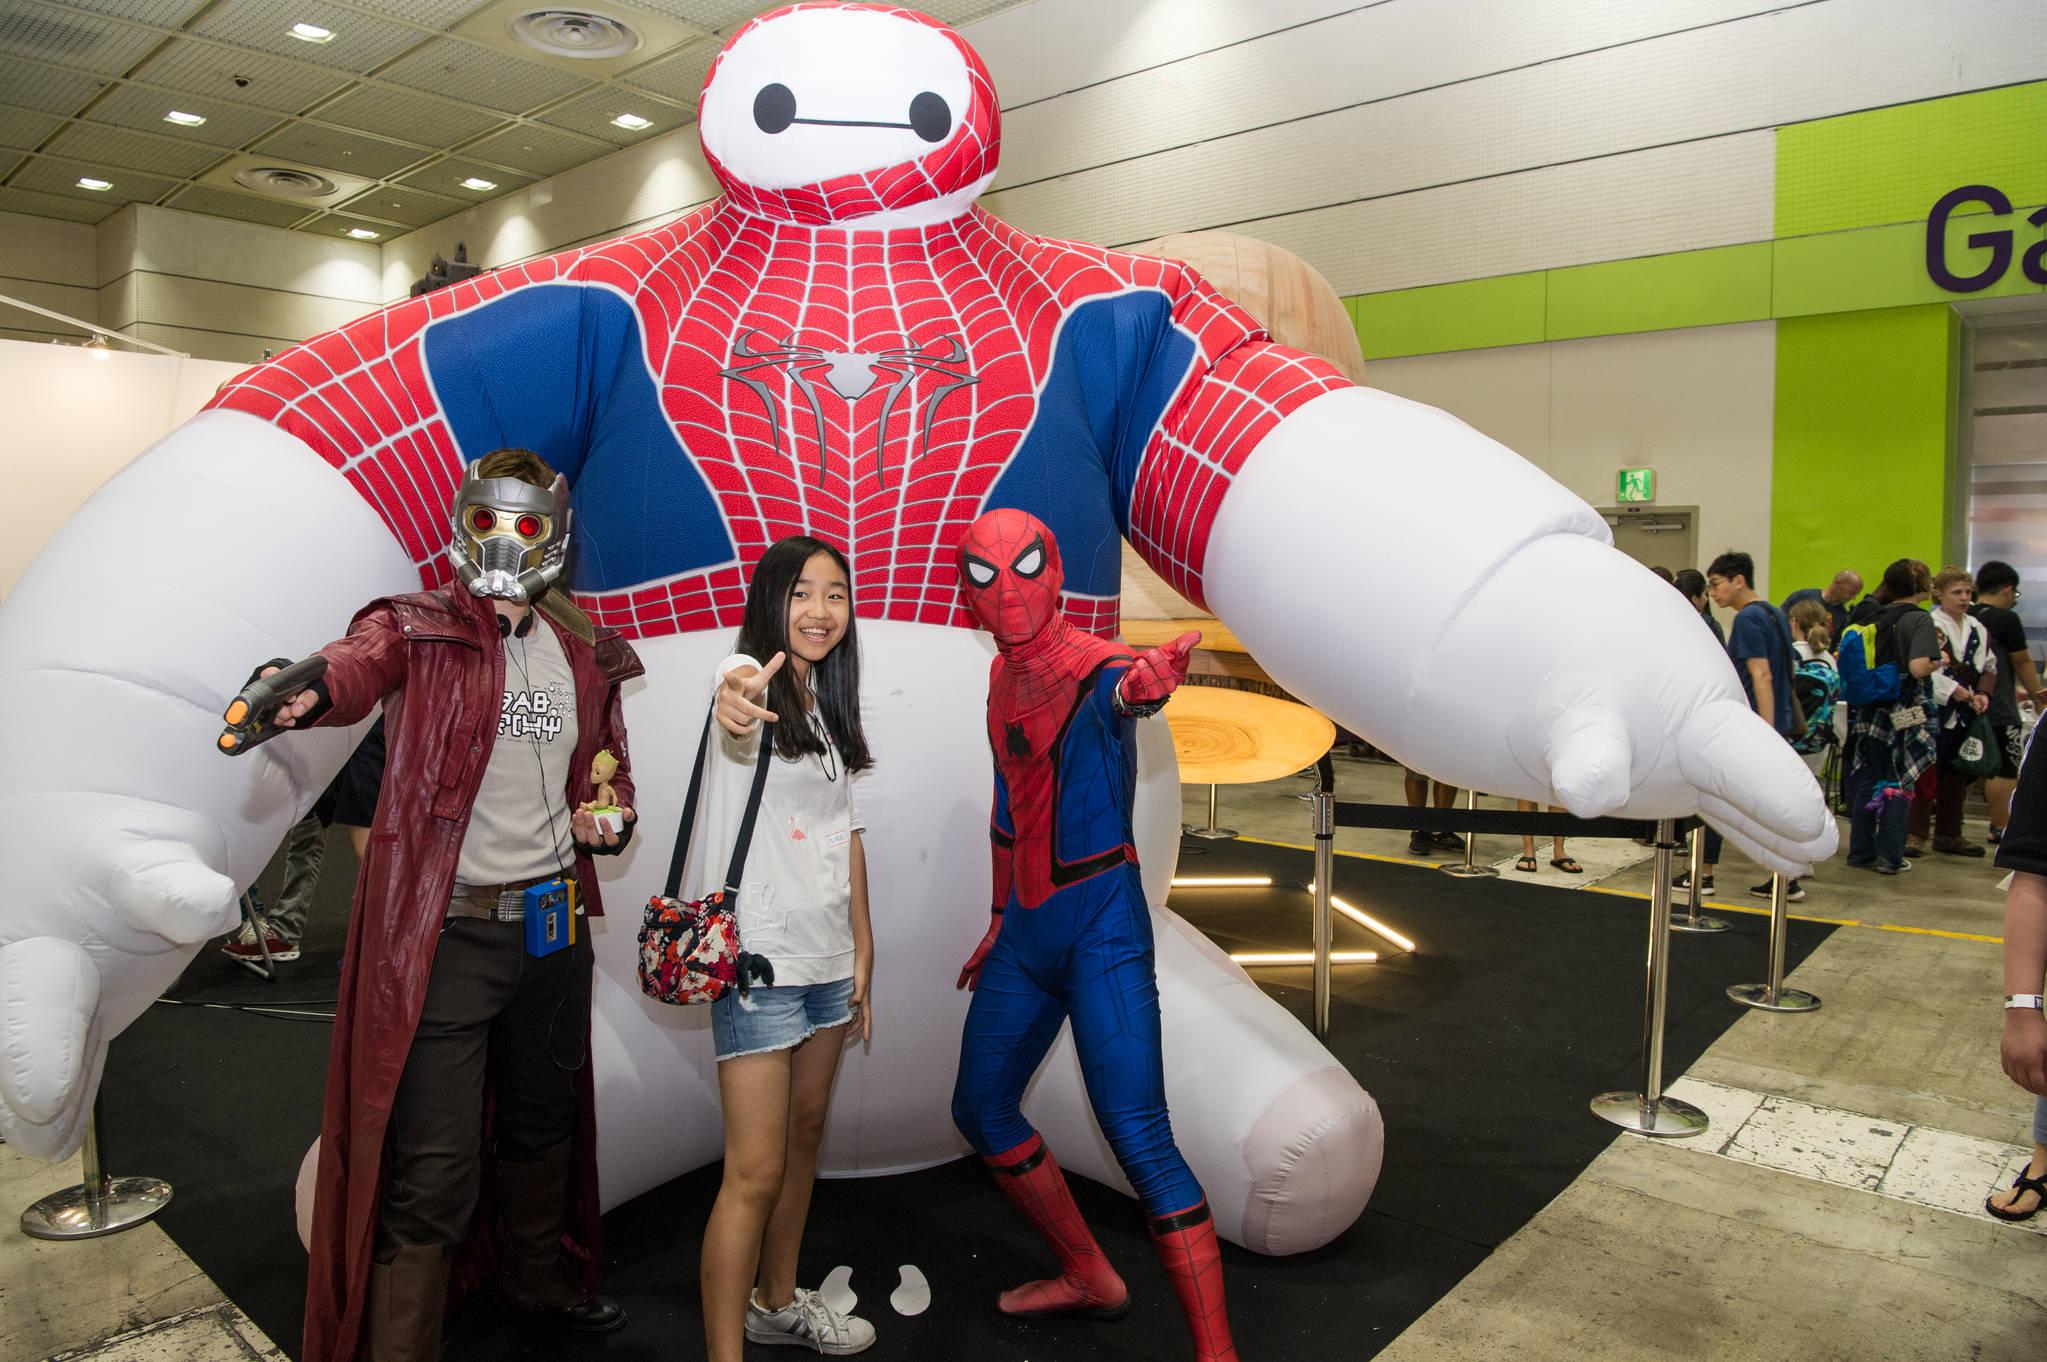 [어서 와, 코믹콘은 처음이지?] 코믹콘 서울을 찾은 여성 관람객이 전시장 입구에 설치된 대형 에어 피규어(Air Figure)를 배경으로 마블 수퍼 히어로로 변장한 코스튬 플레이어들과 사진을 촬영하고 있다.